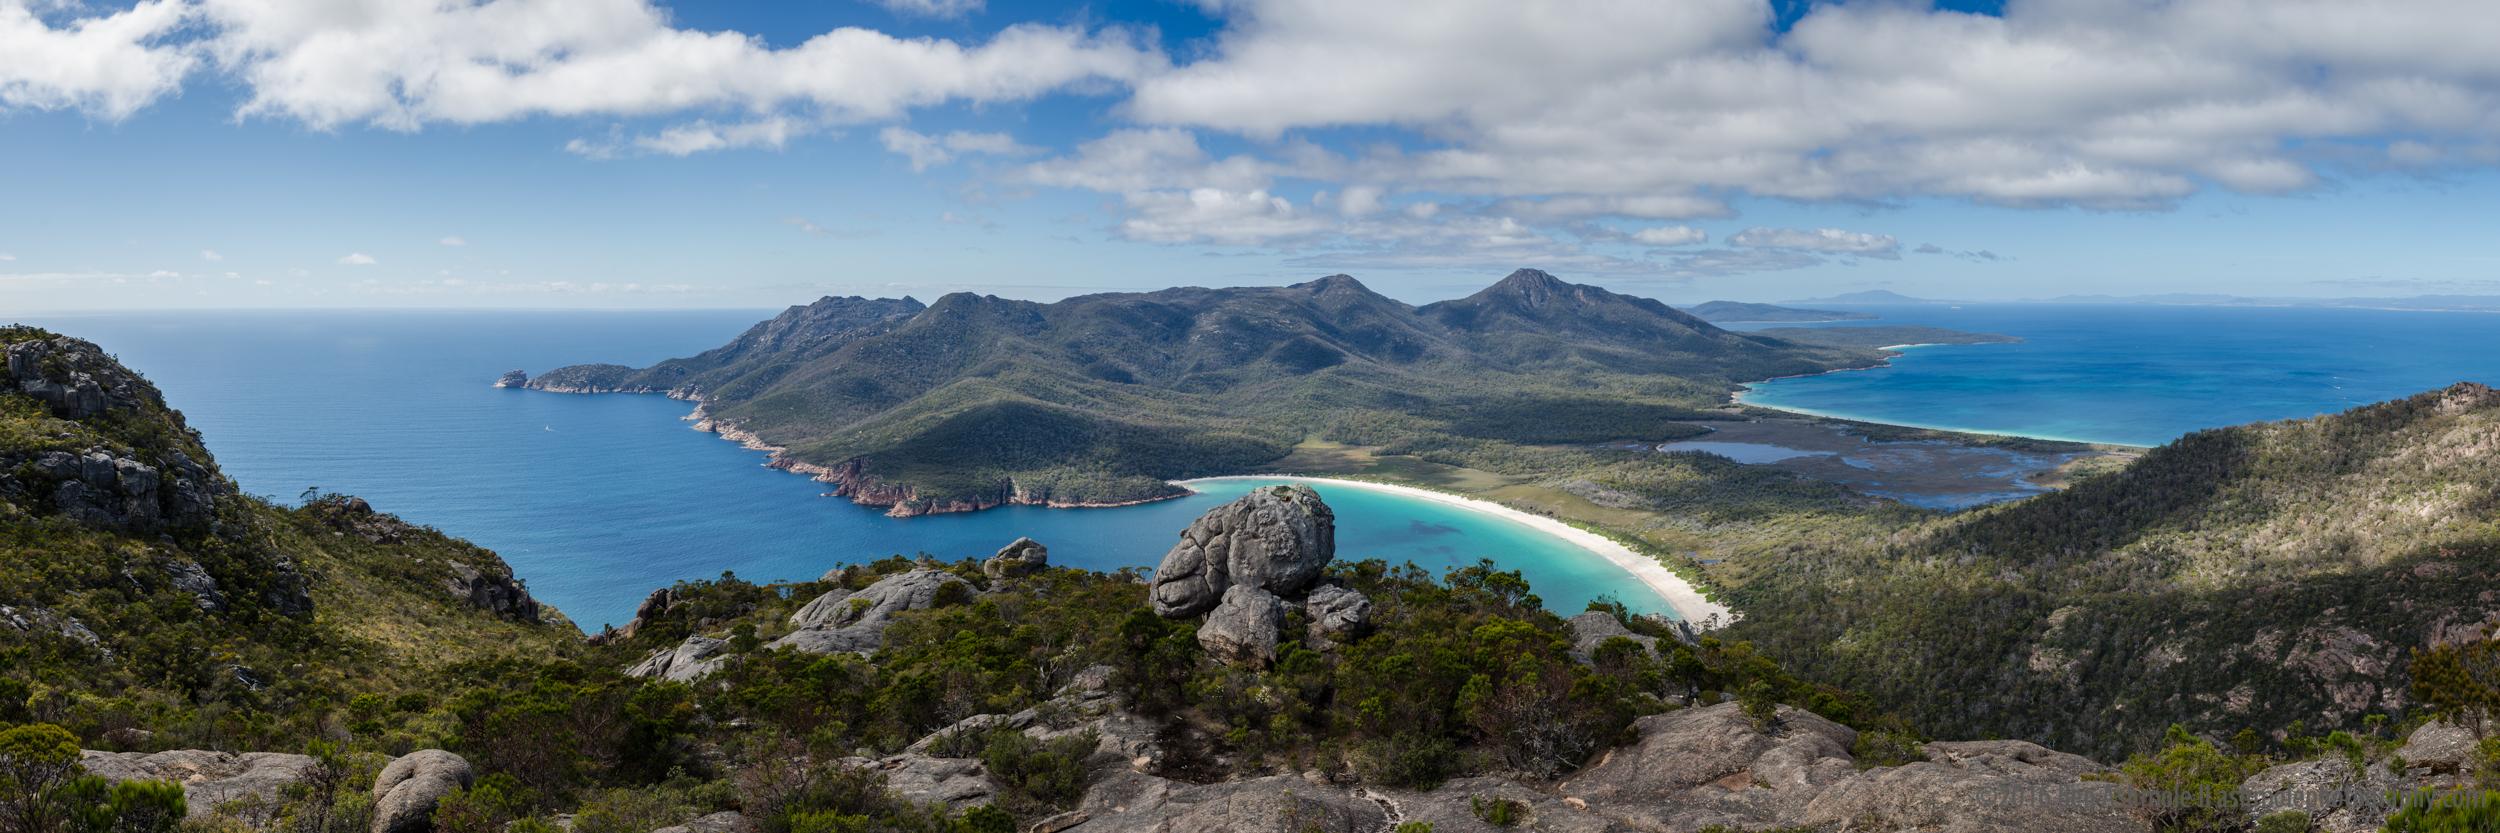 Wine Glass Bay Panorama, Freycinet National Park, Tasmania, Aust